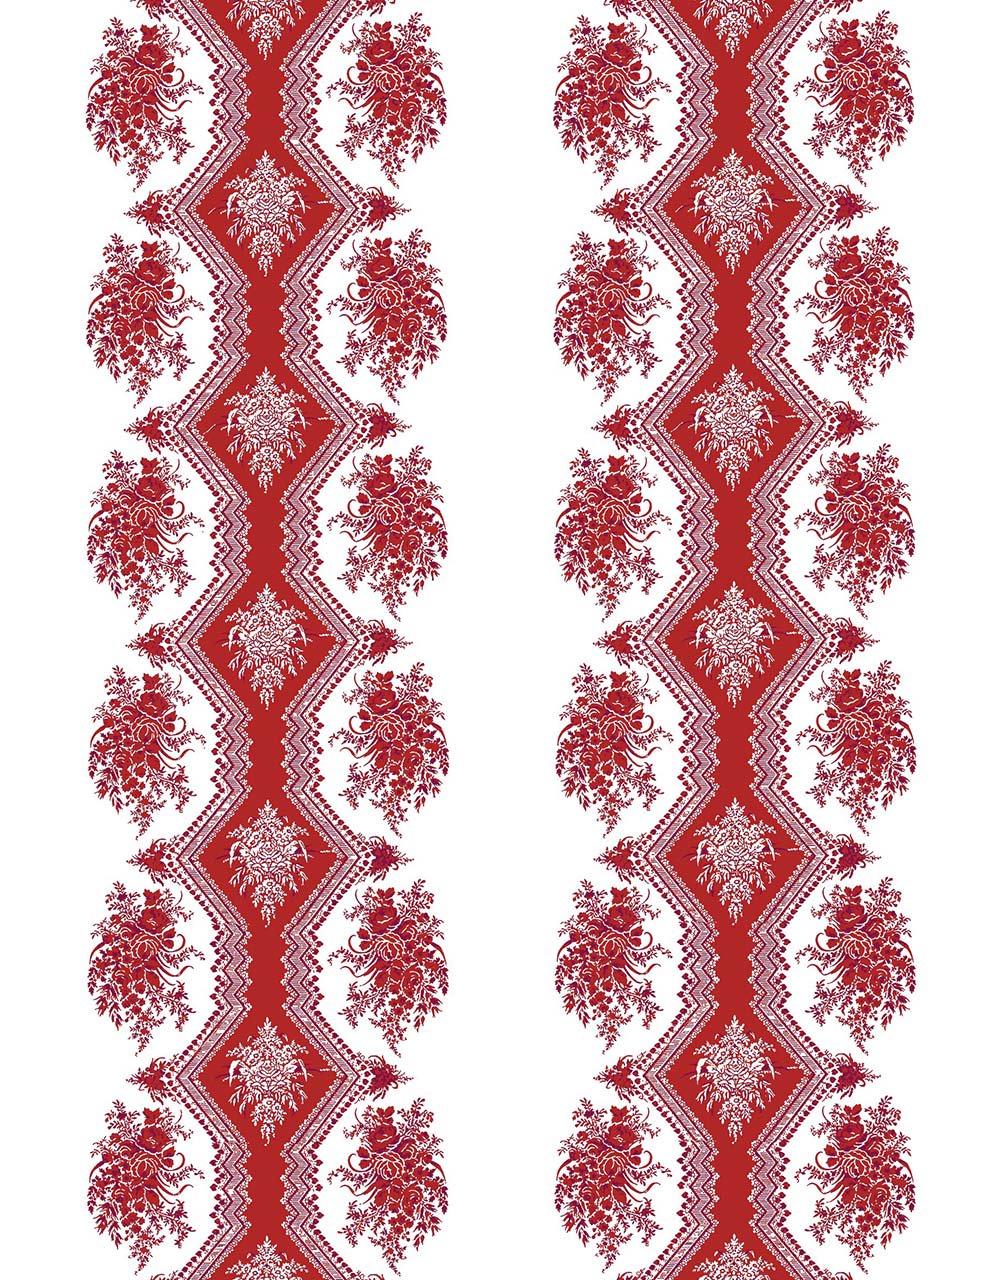 フランス壁紙 フリース(不織布) - 防炎加工 マドレーヌ・カスタン デザイン 《コッペリア》 レッド by Edmond Petit (エドモンプティ)